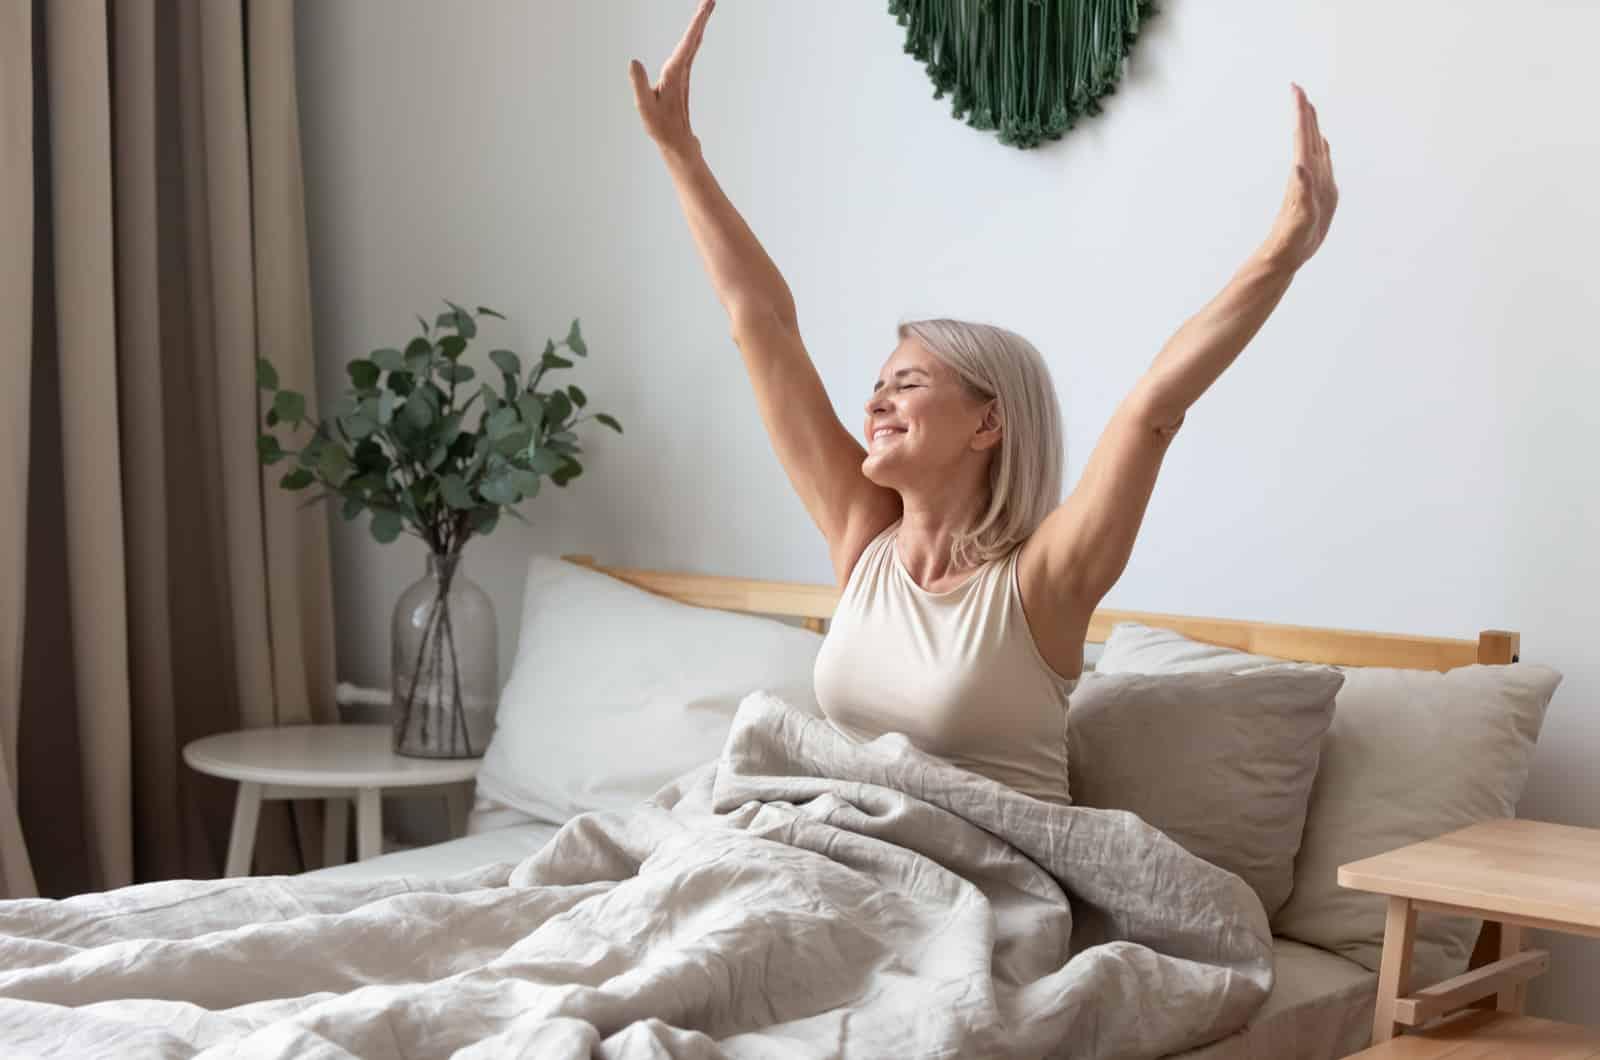 Frau im Bett hebt die Arme in die Luft